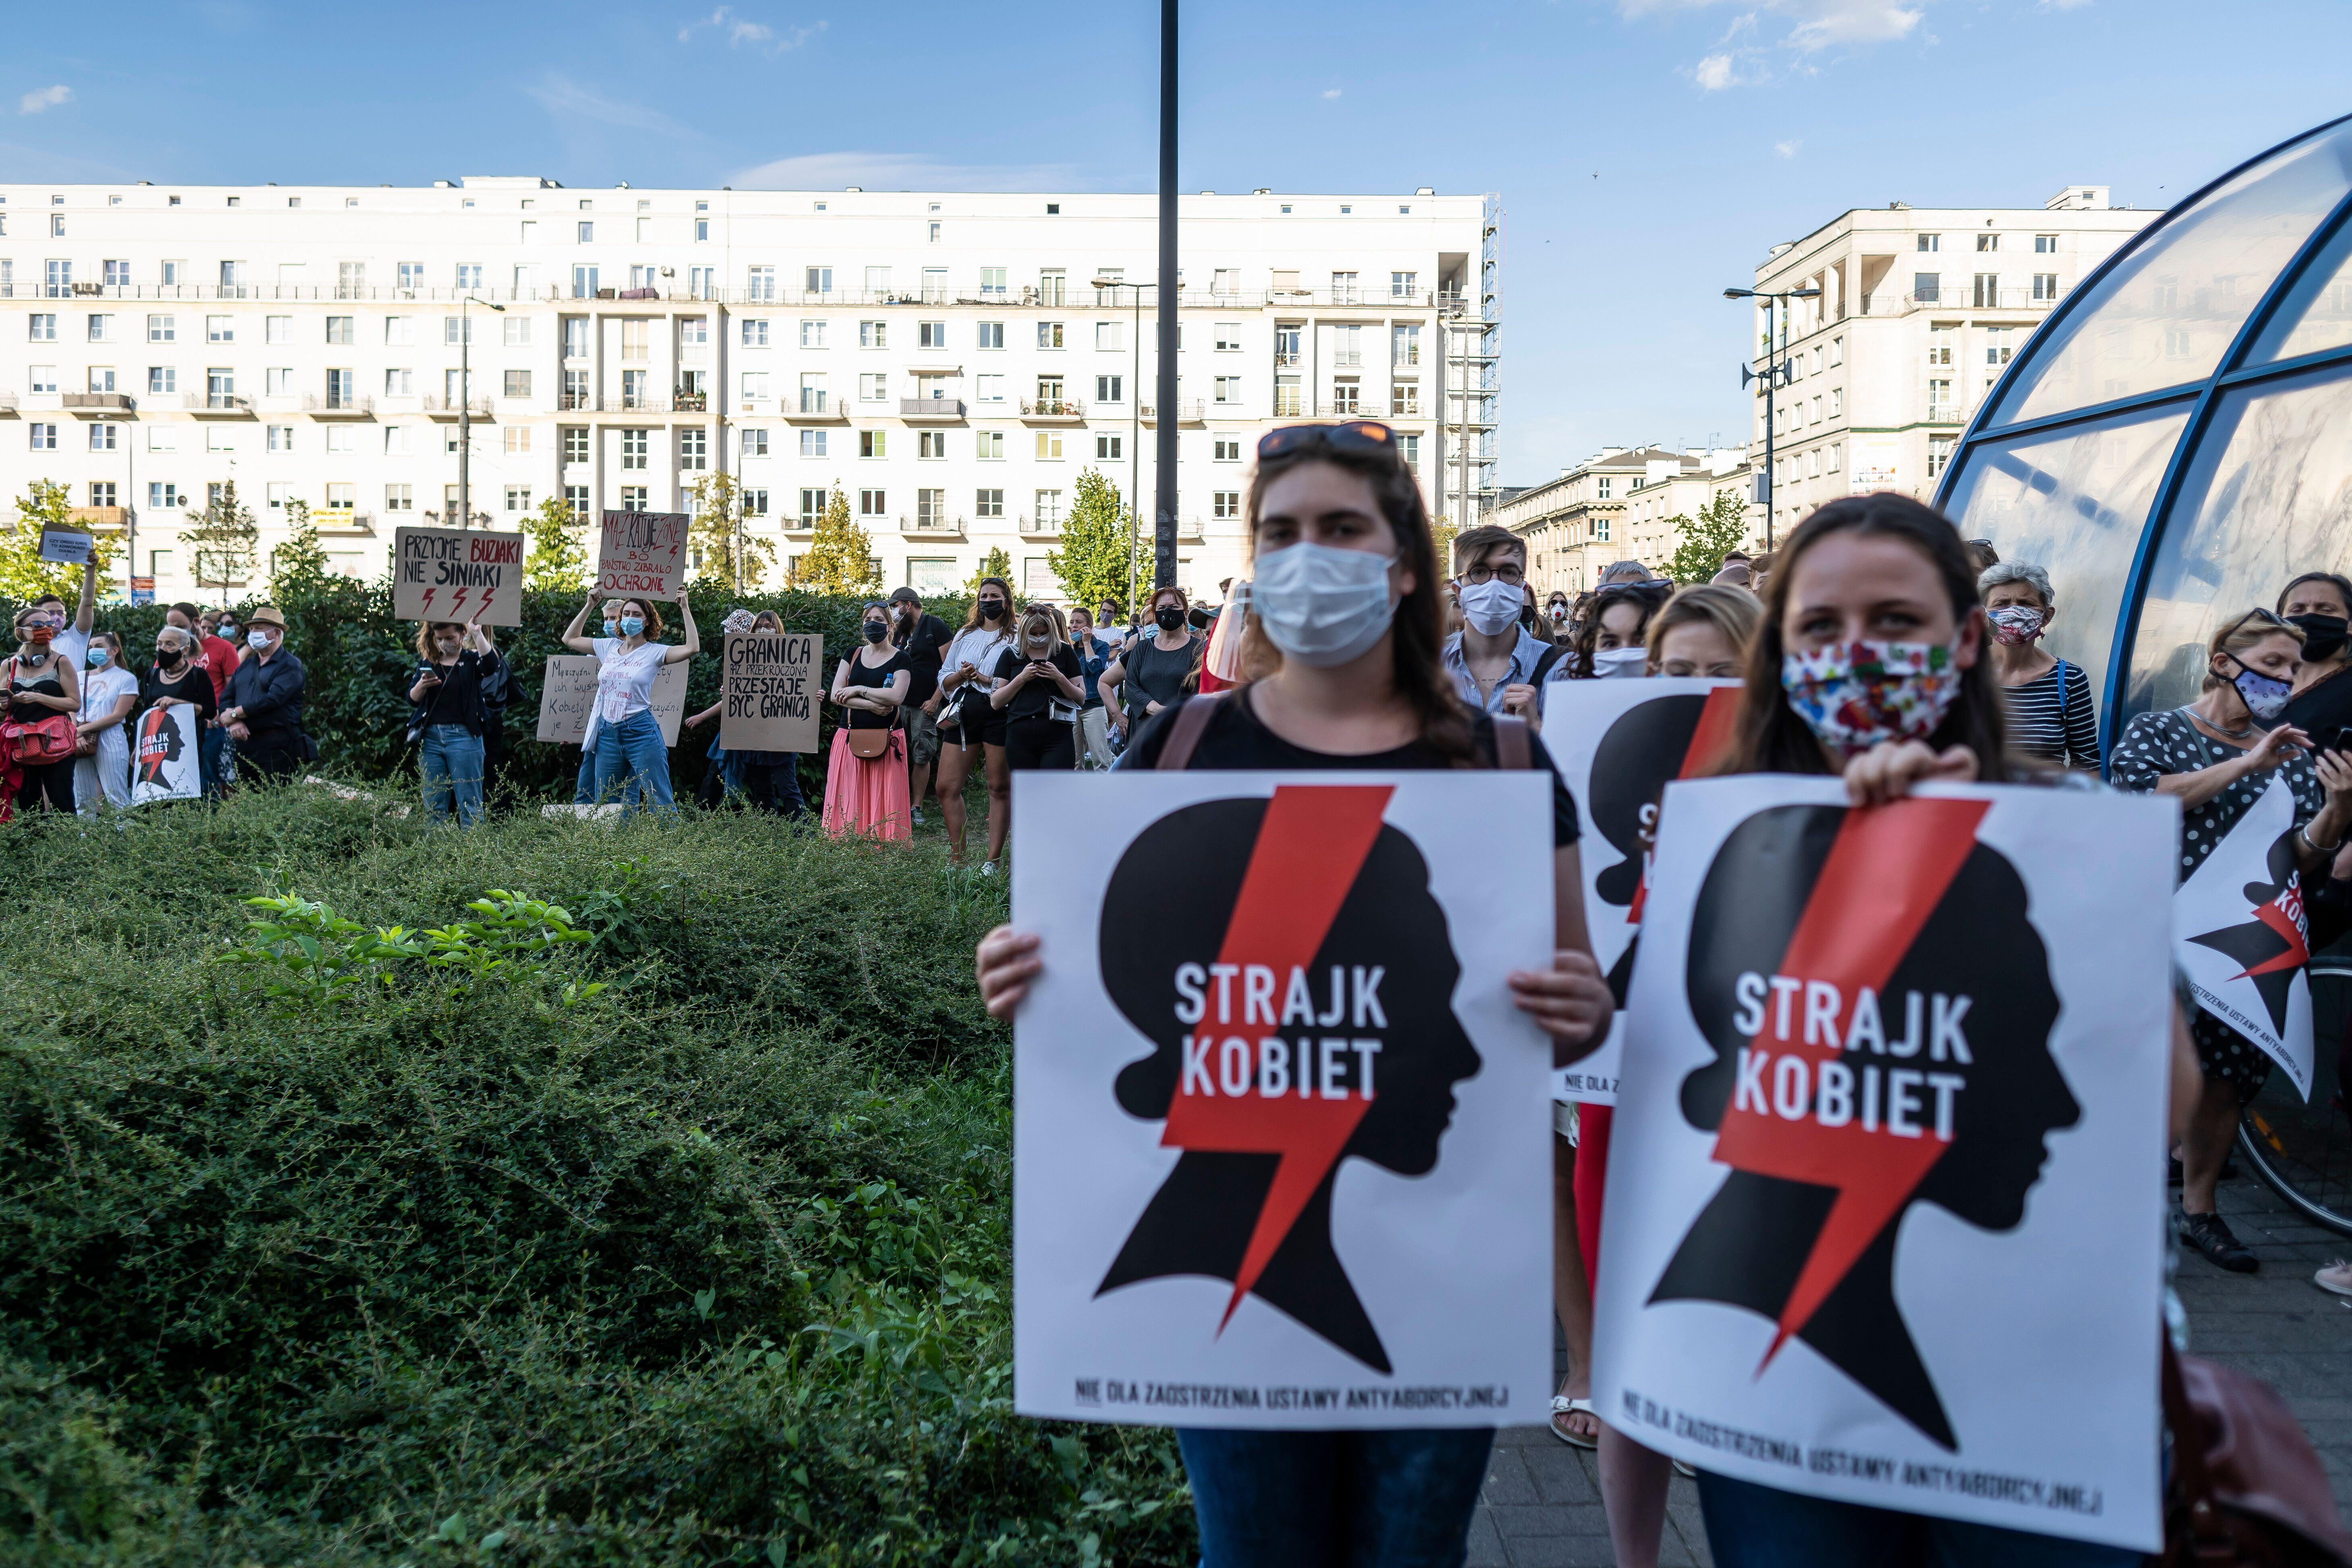 Des manifestants protestant contre le projet du gouvernement polonais de se retirer de la Convention...